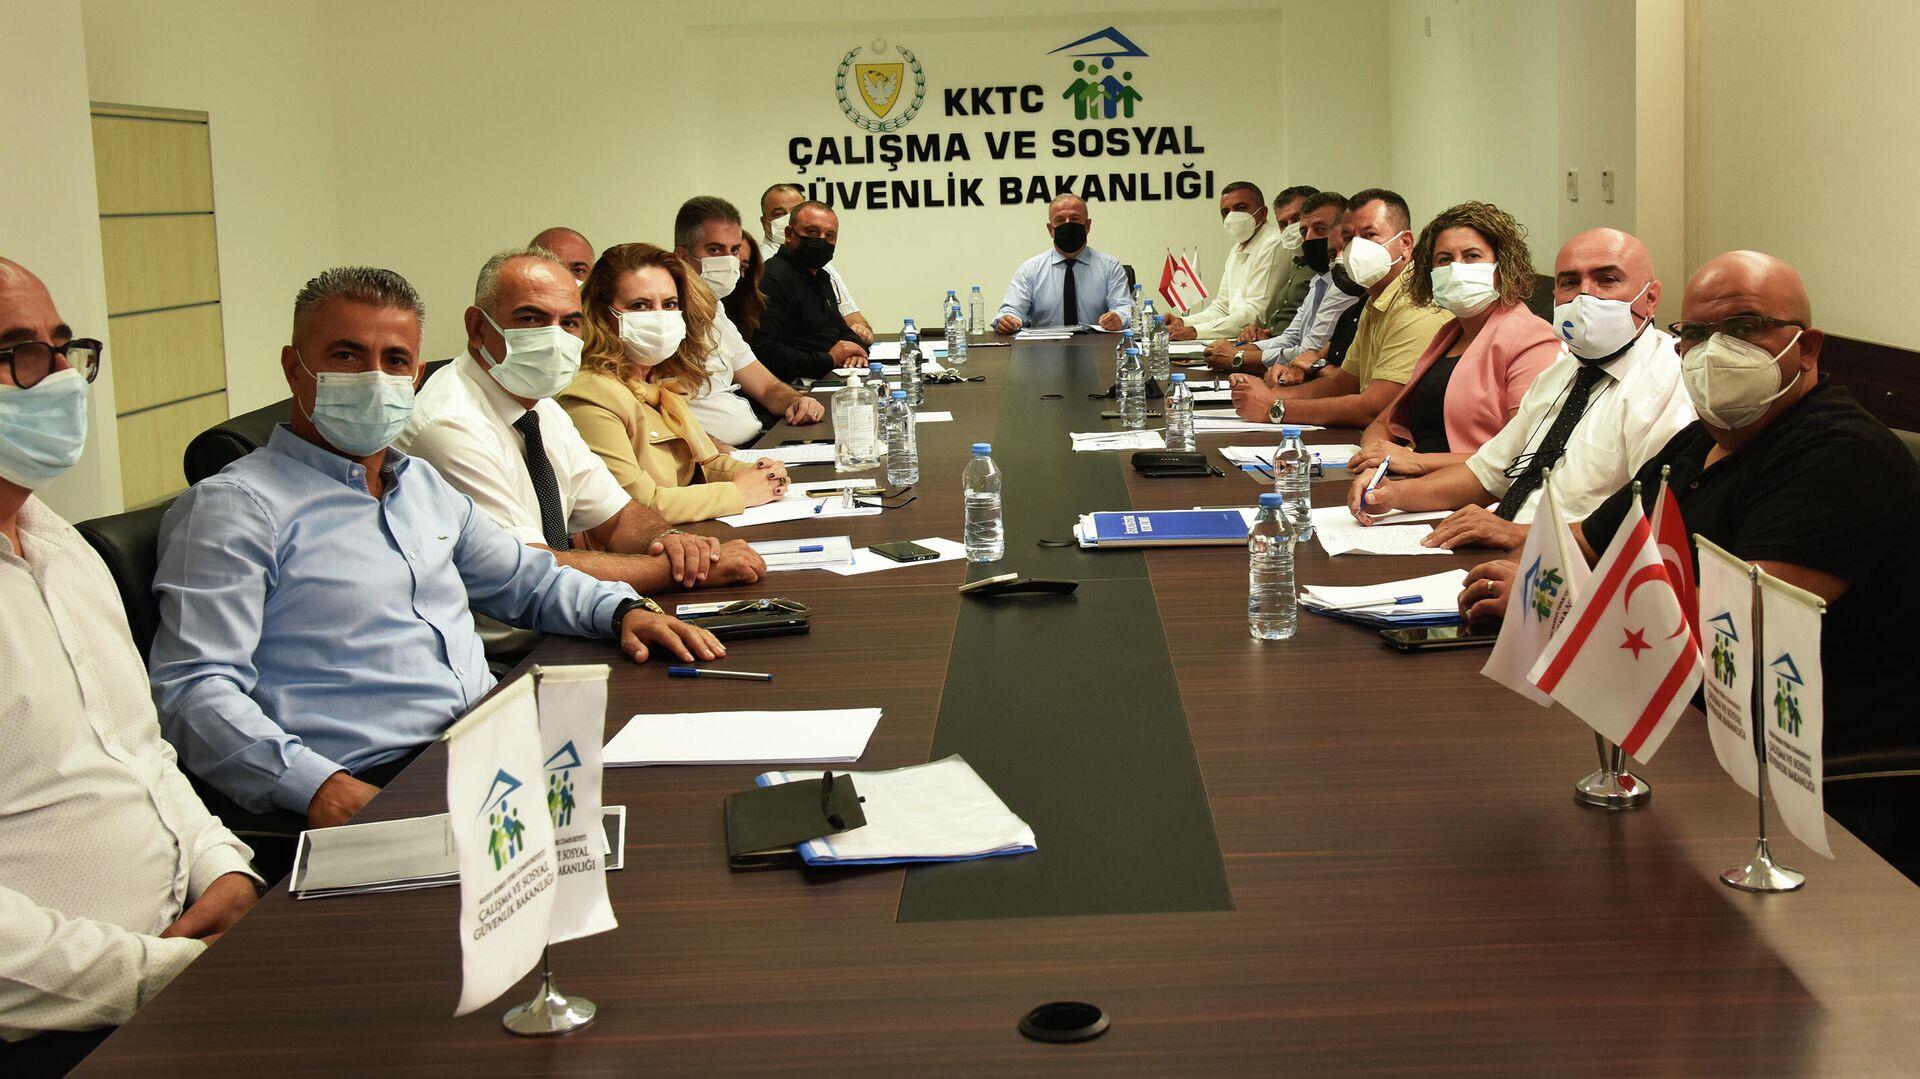 Kuzey Kıbrıs Çalışma ve Sosyal Güvenlik Bakanlığı'ndaki asgari ücret görüşmeleri - Sputnik Türkiye, 1920, 17.09.2021